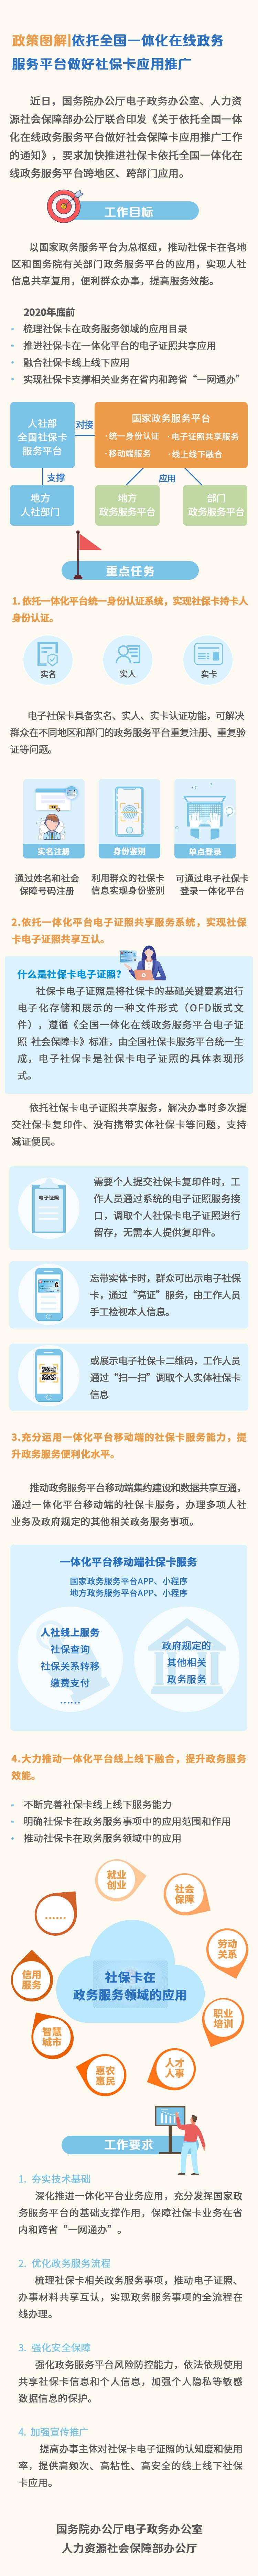 国务院、人社部:年底前融合社保卡线上线下应用